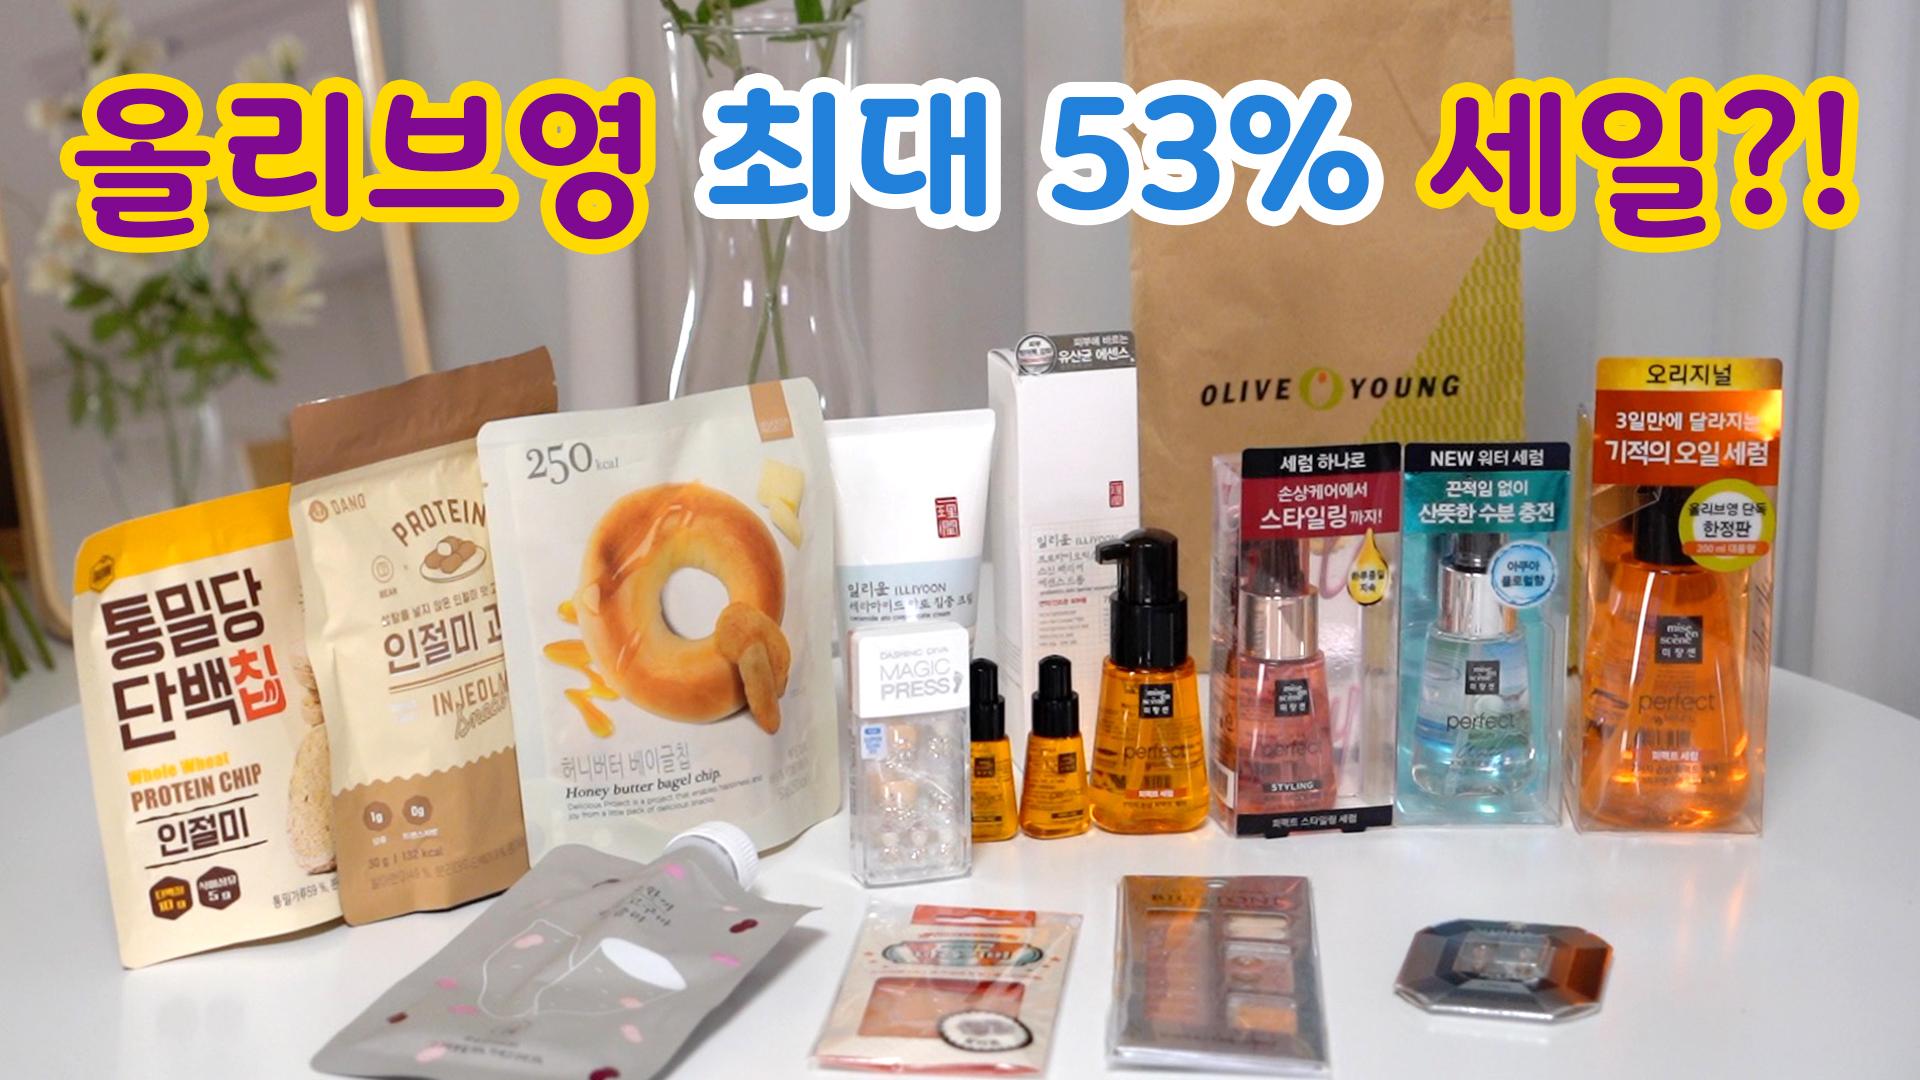 올리브영 최대 53% 세일?! 올리브영 하울 (초가을 신상템 리뷰) ⎮ 소정 SOJEONG